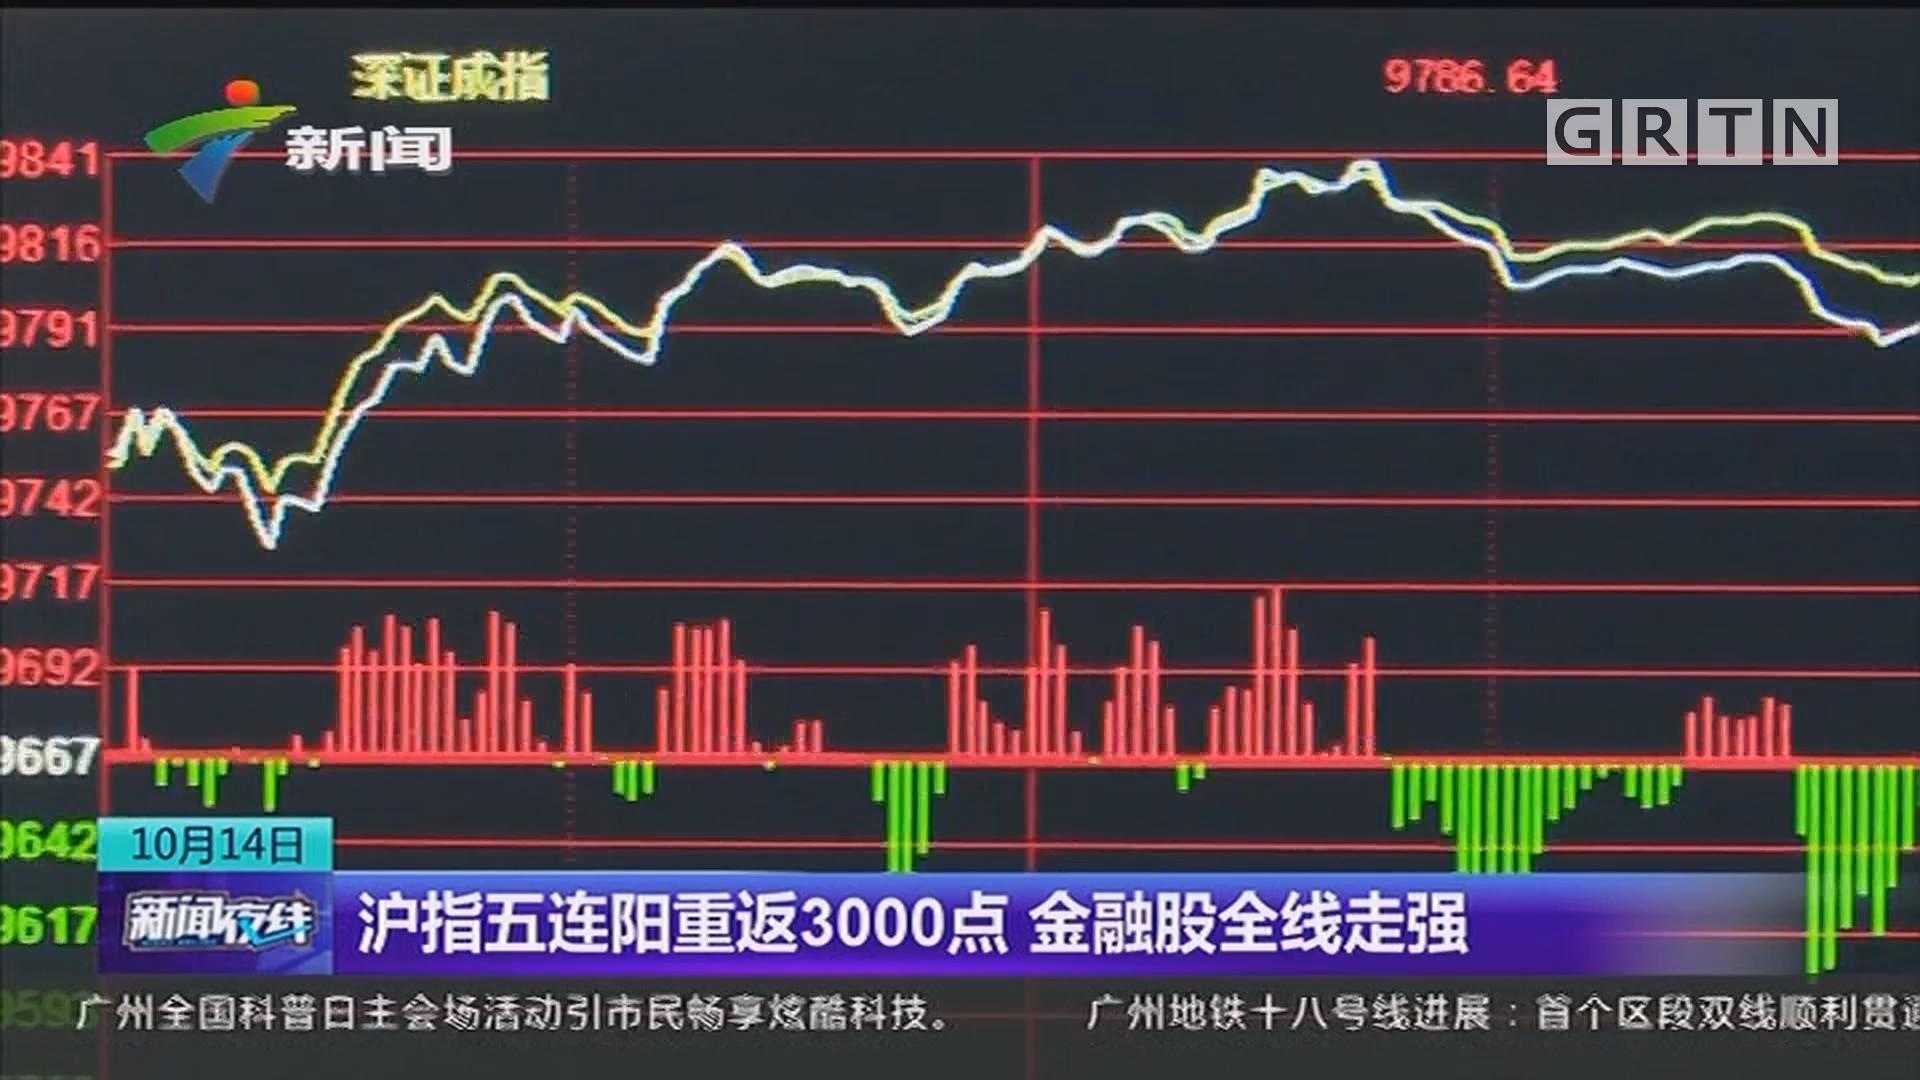 沪指五连阳重返3000点 金融股全线走强